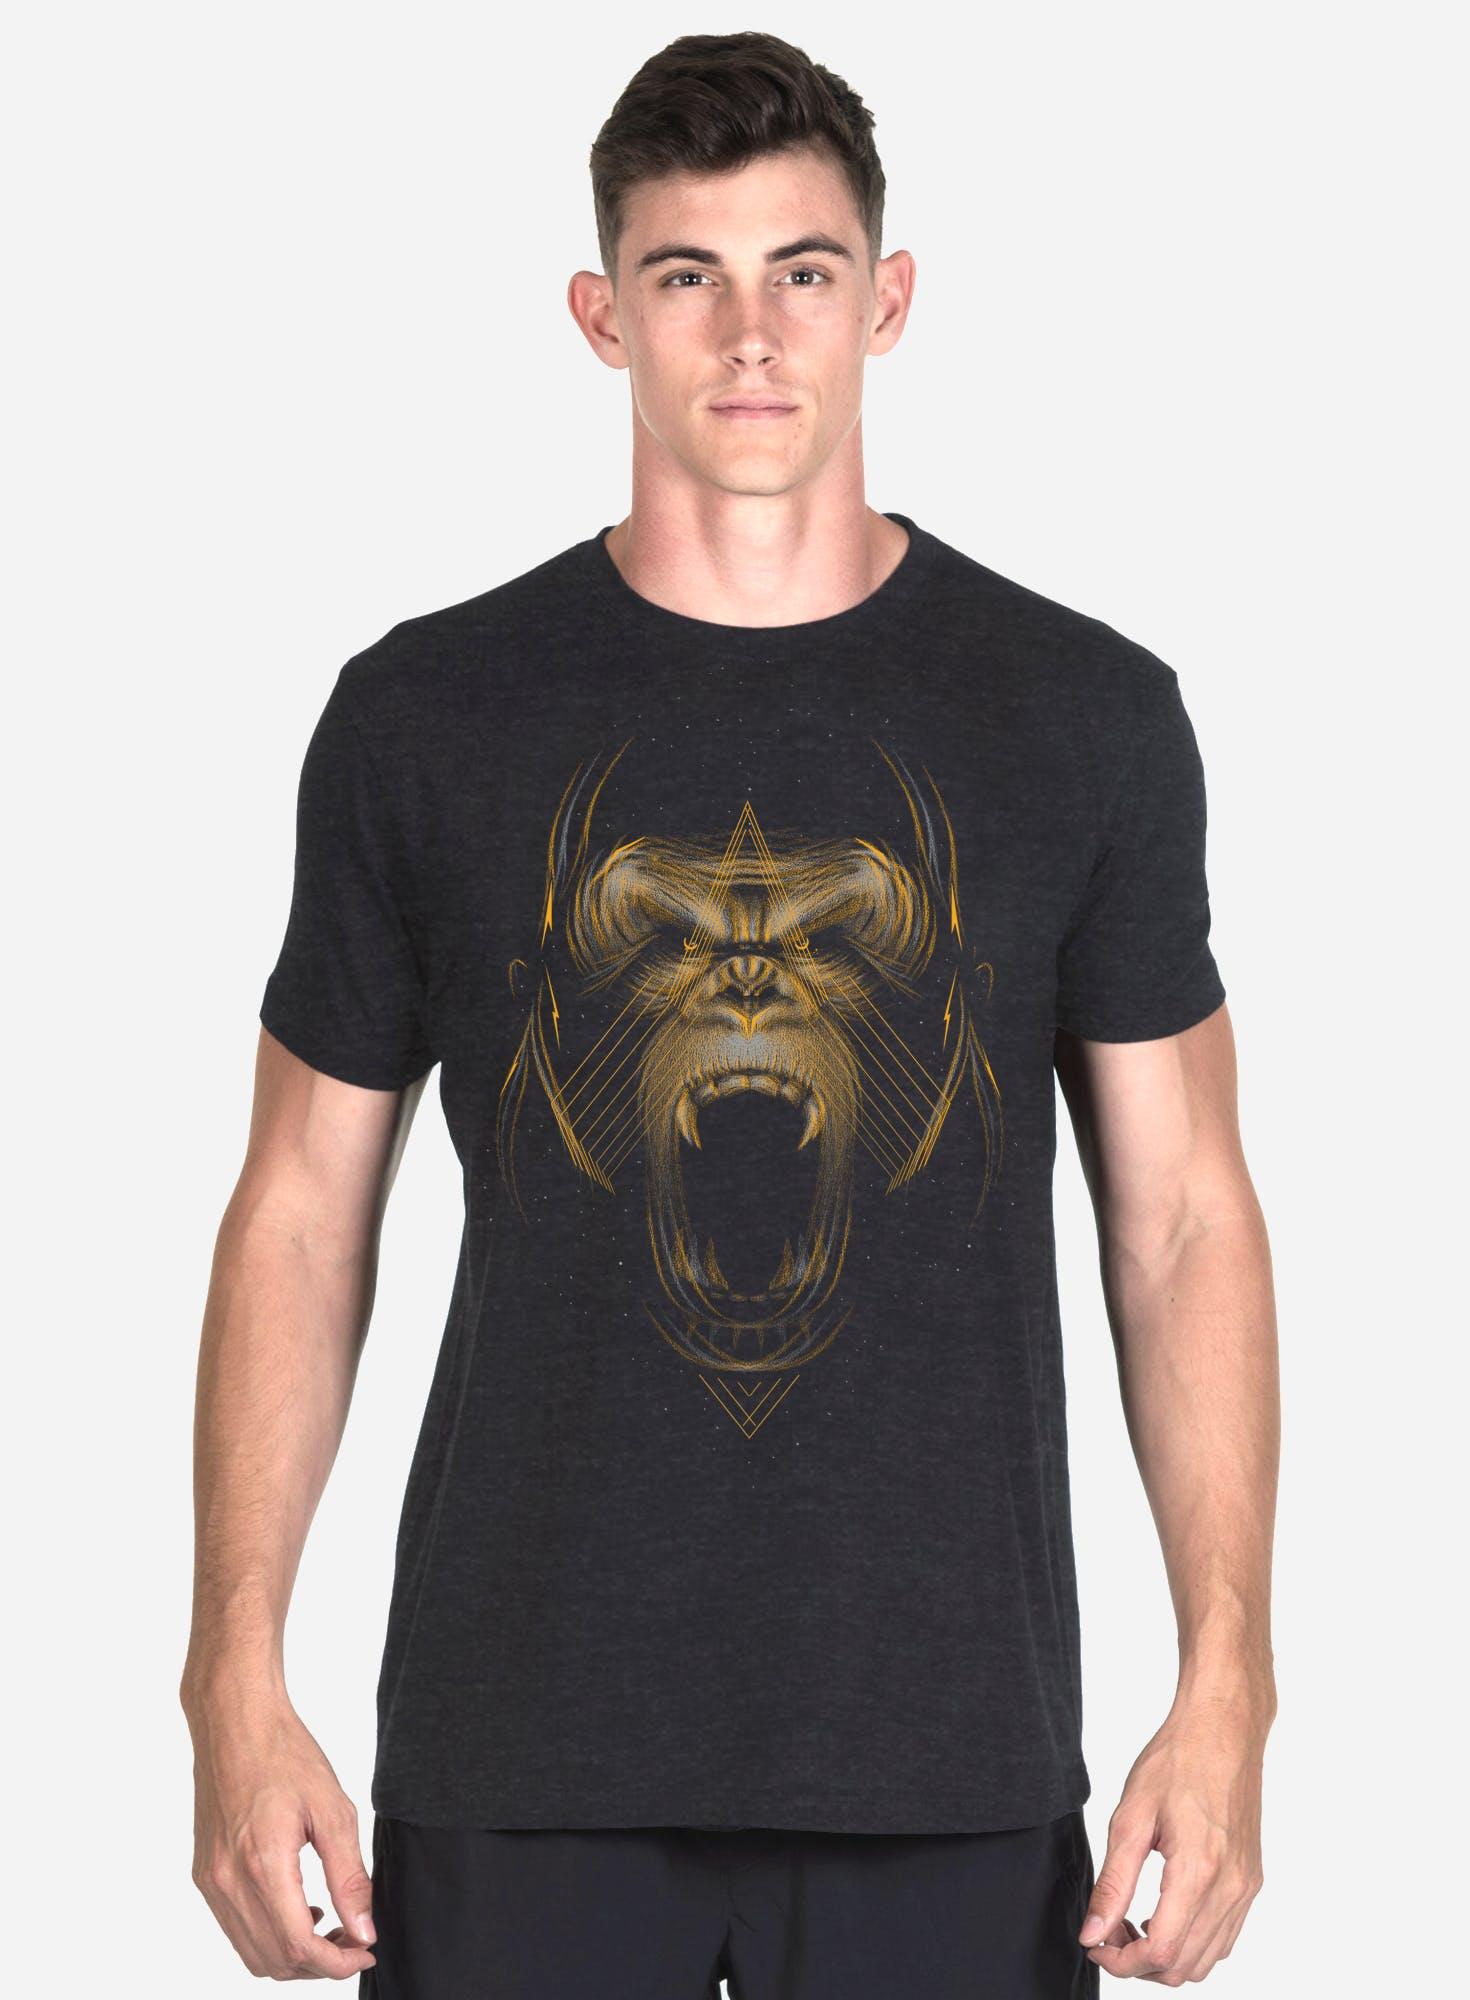 Golden Gorilla Tri-Blend T-Shirt